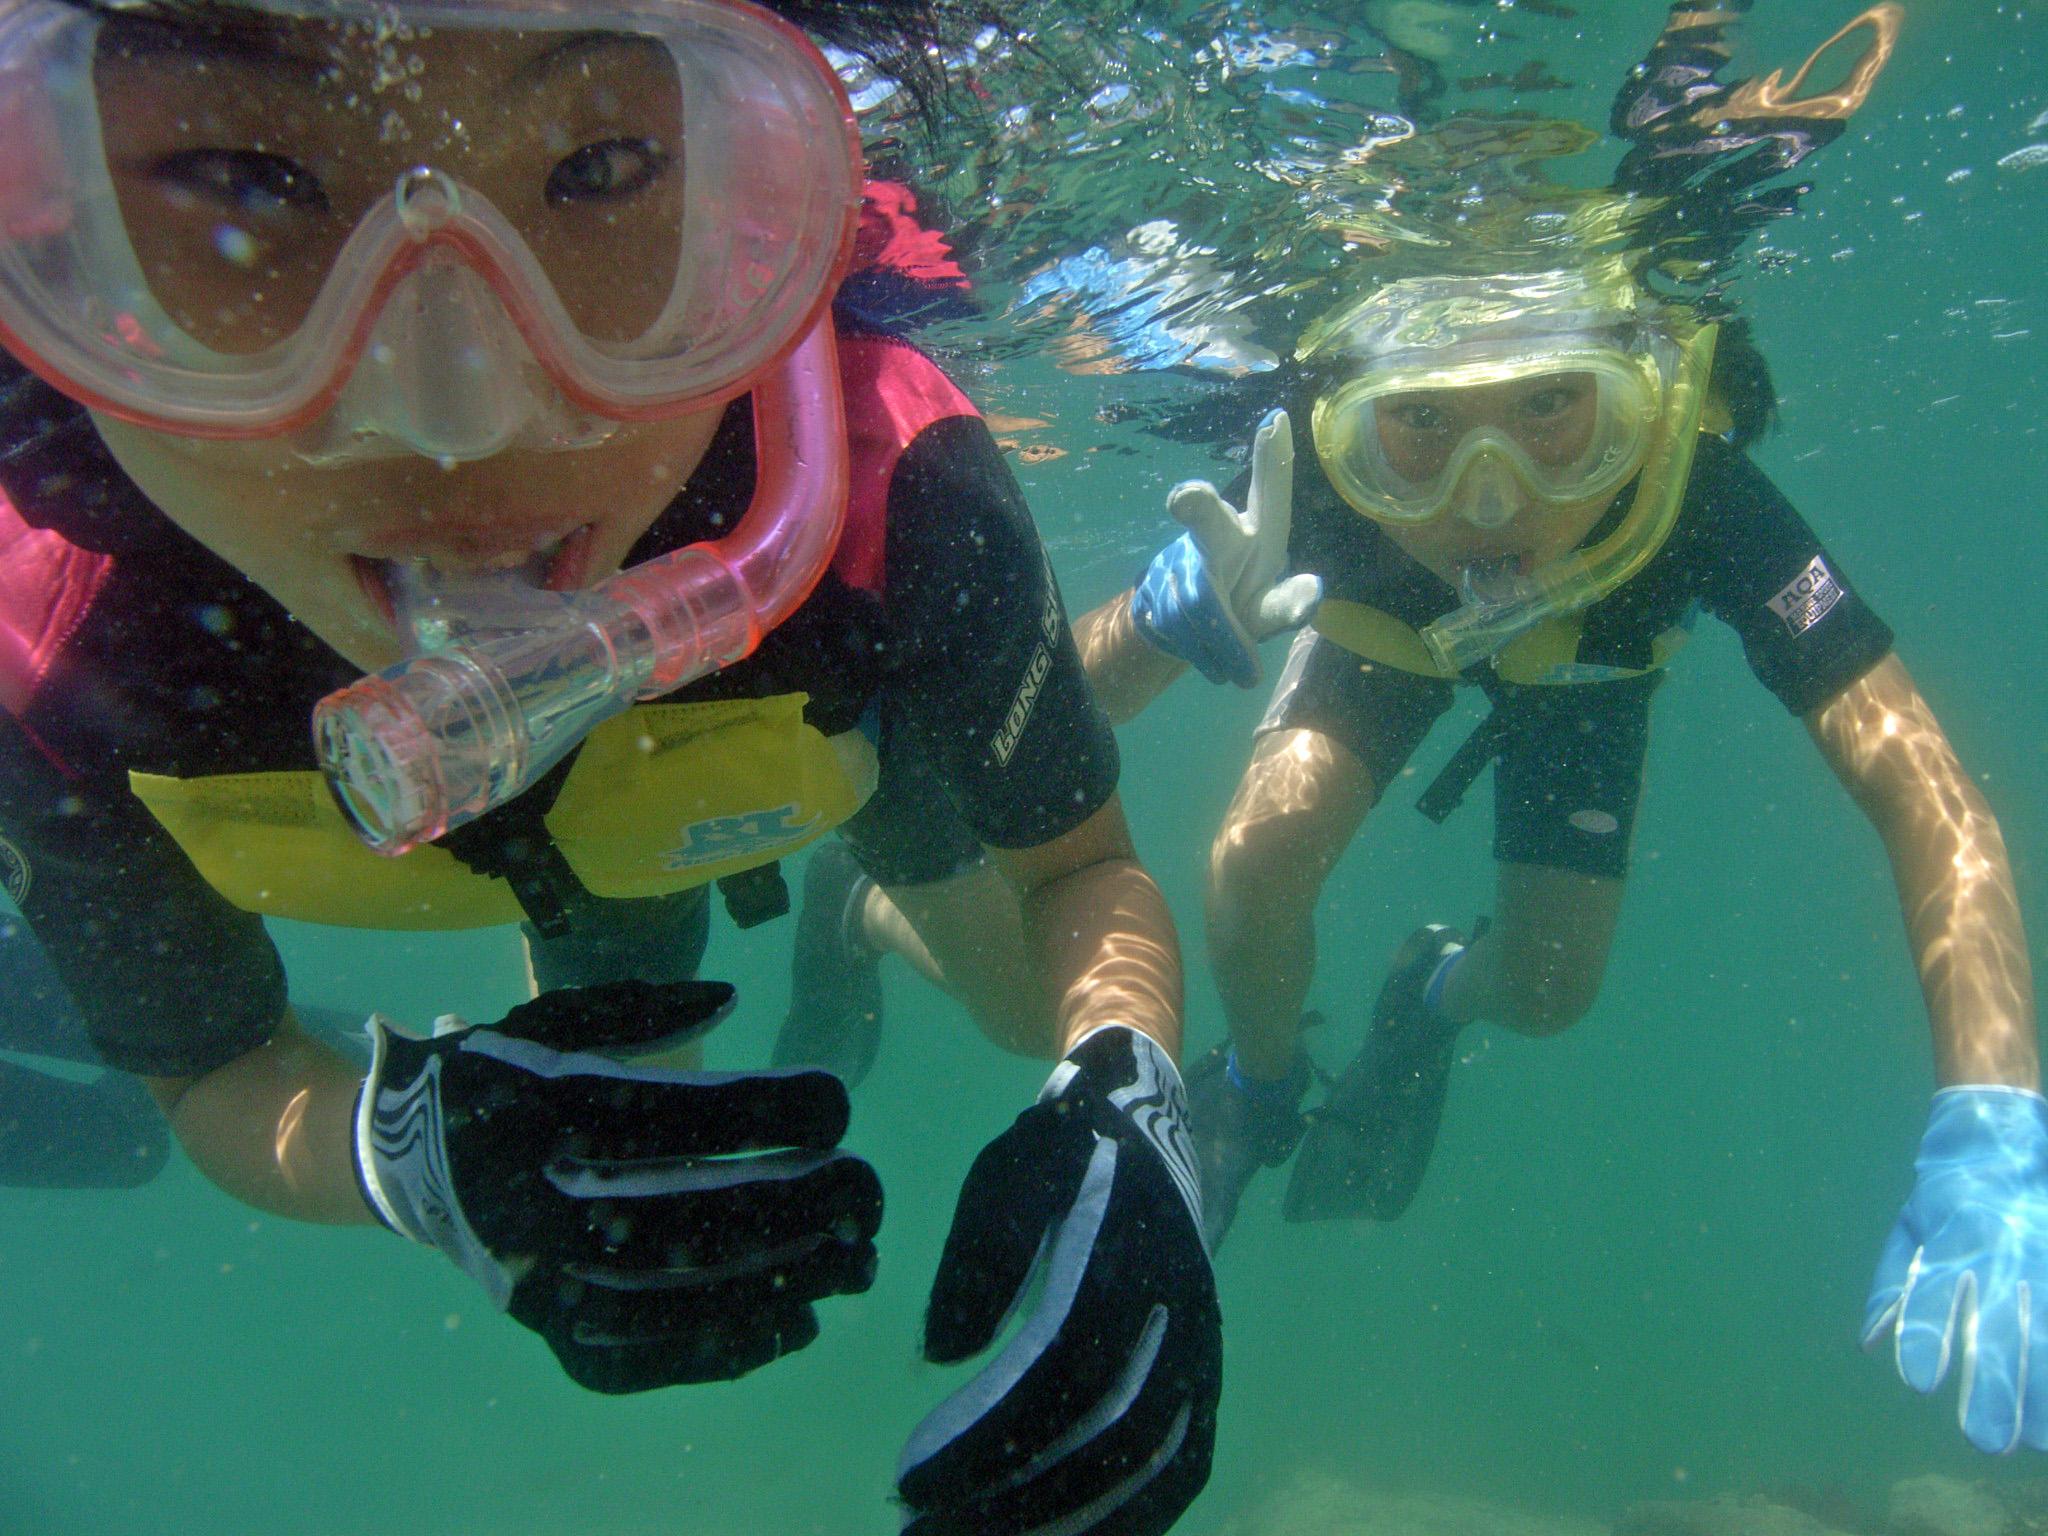 シュノーケリング体験によるサンゴの調査